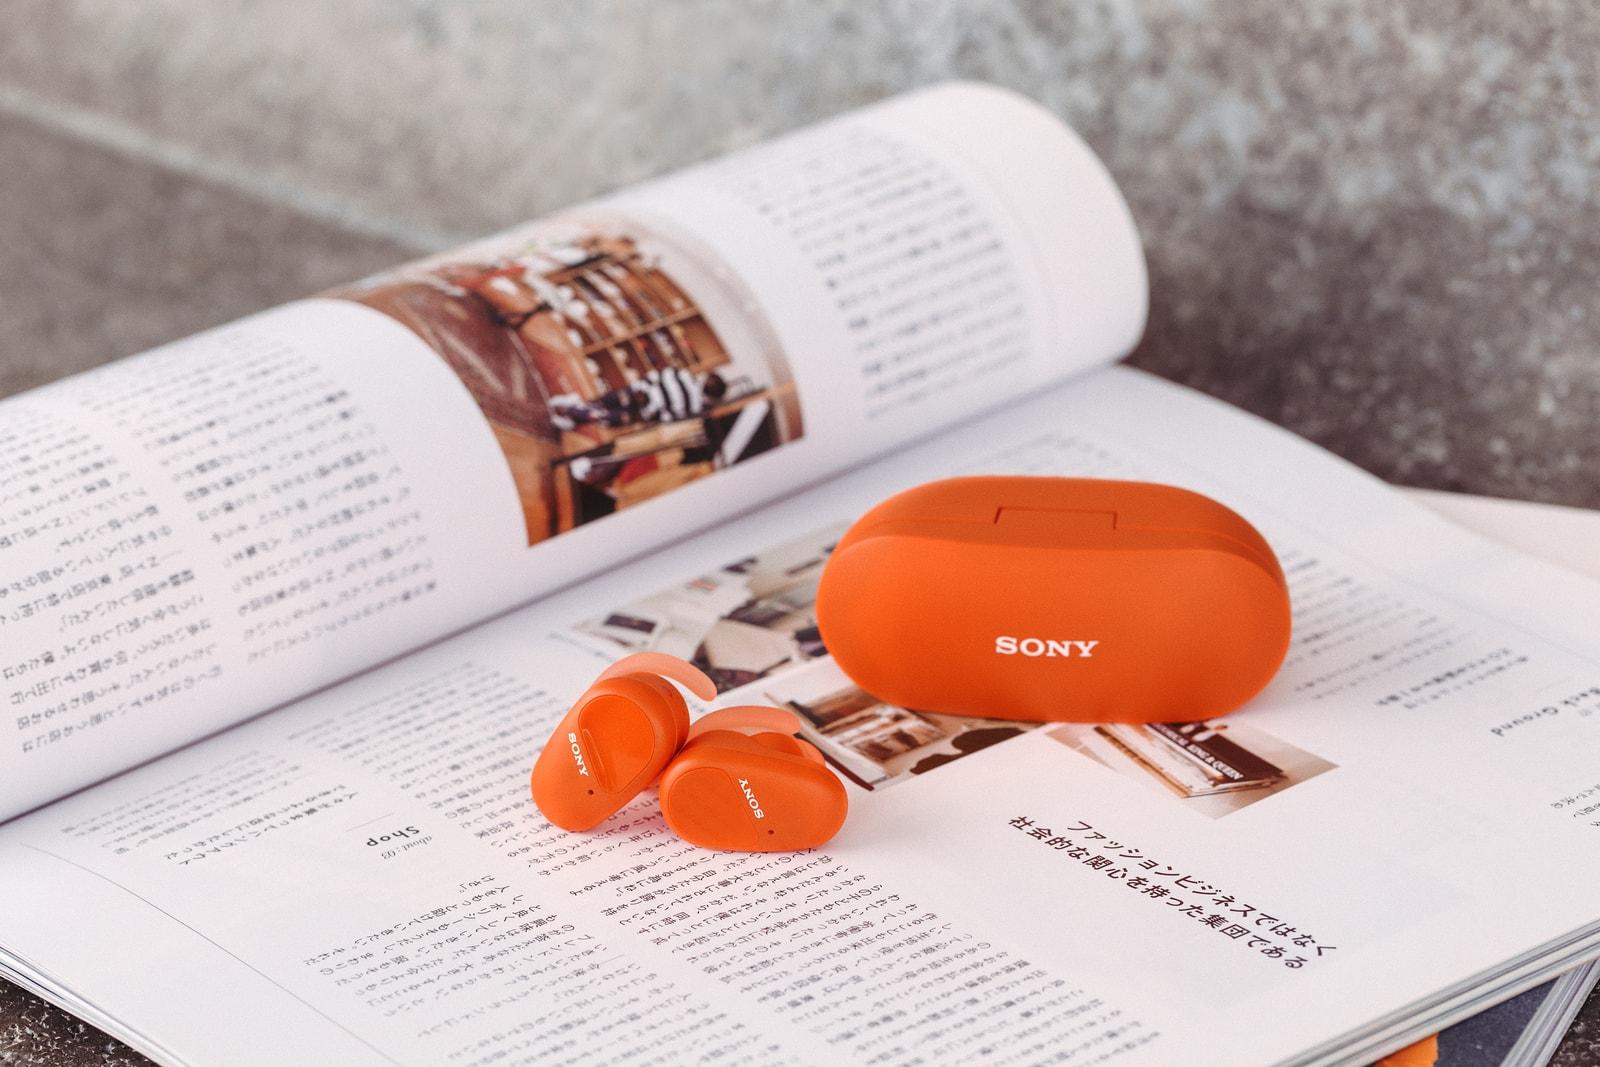 全面升級-Sony 最新 WF-SP800N 運動型無線降噪耳機